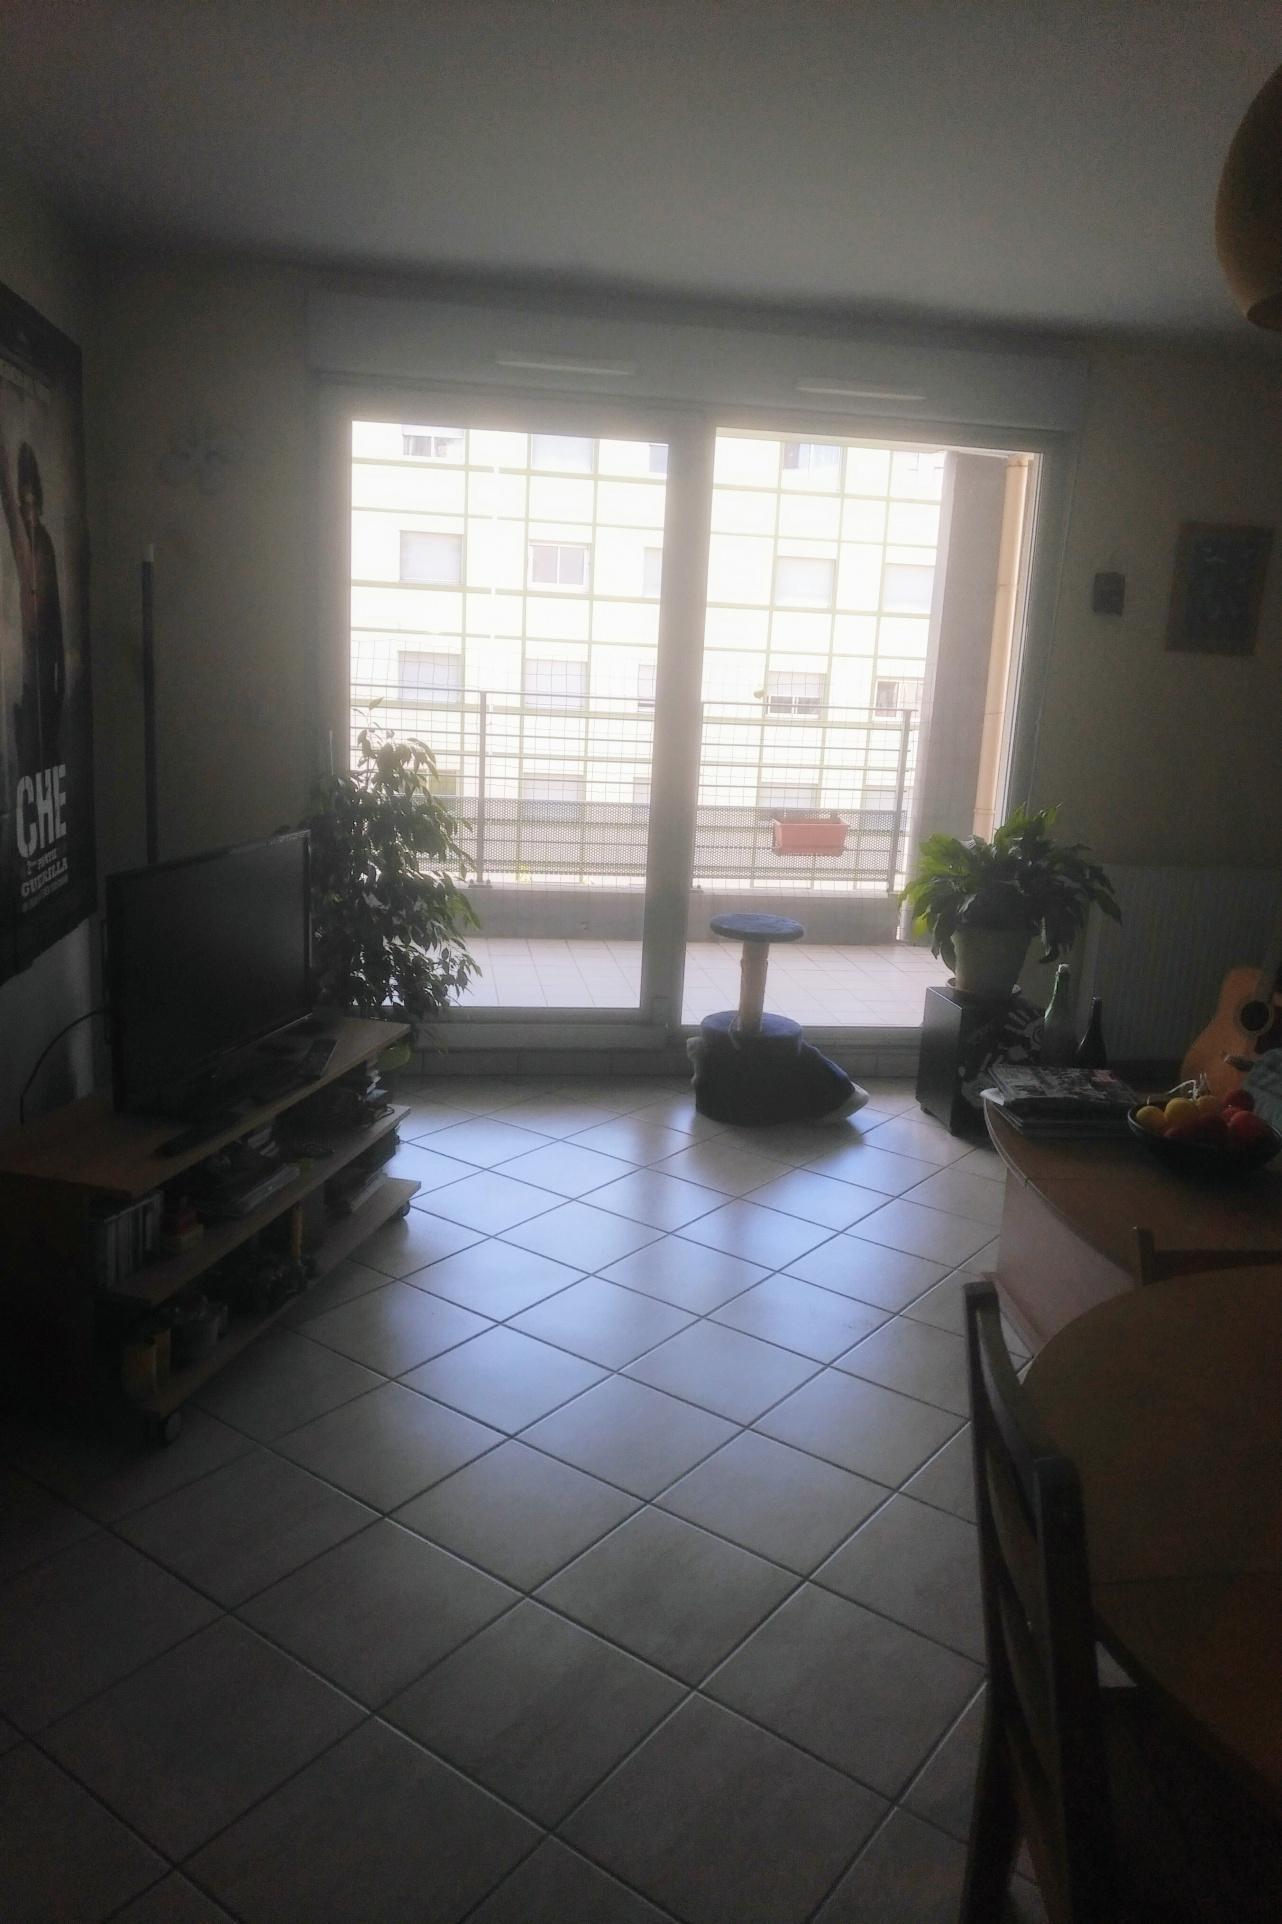 Location Appartement LOCATION T4 avec grand balcon et garage - VILLEURBANNE LA DOUA/PARC DE LA TETE D'OR Villeurbanne